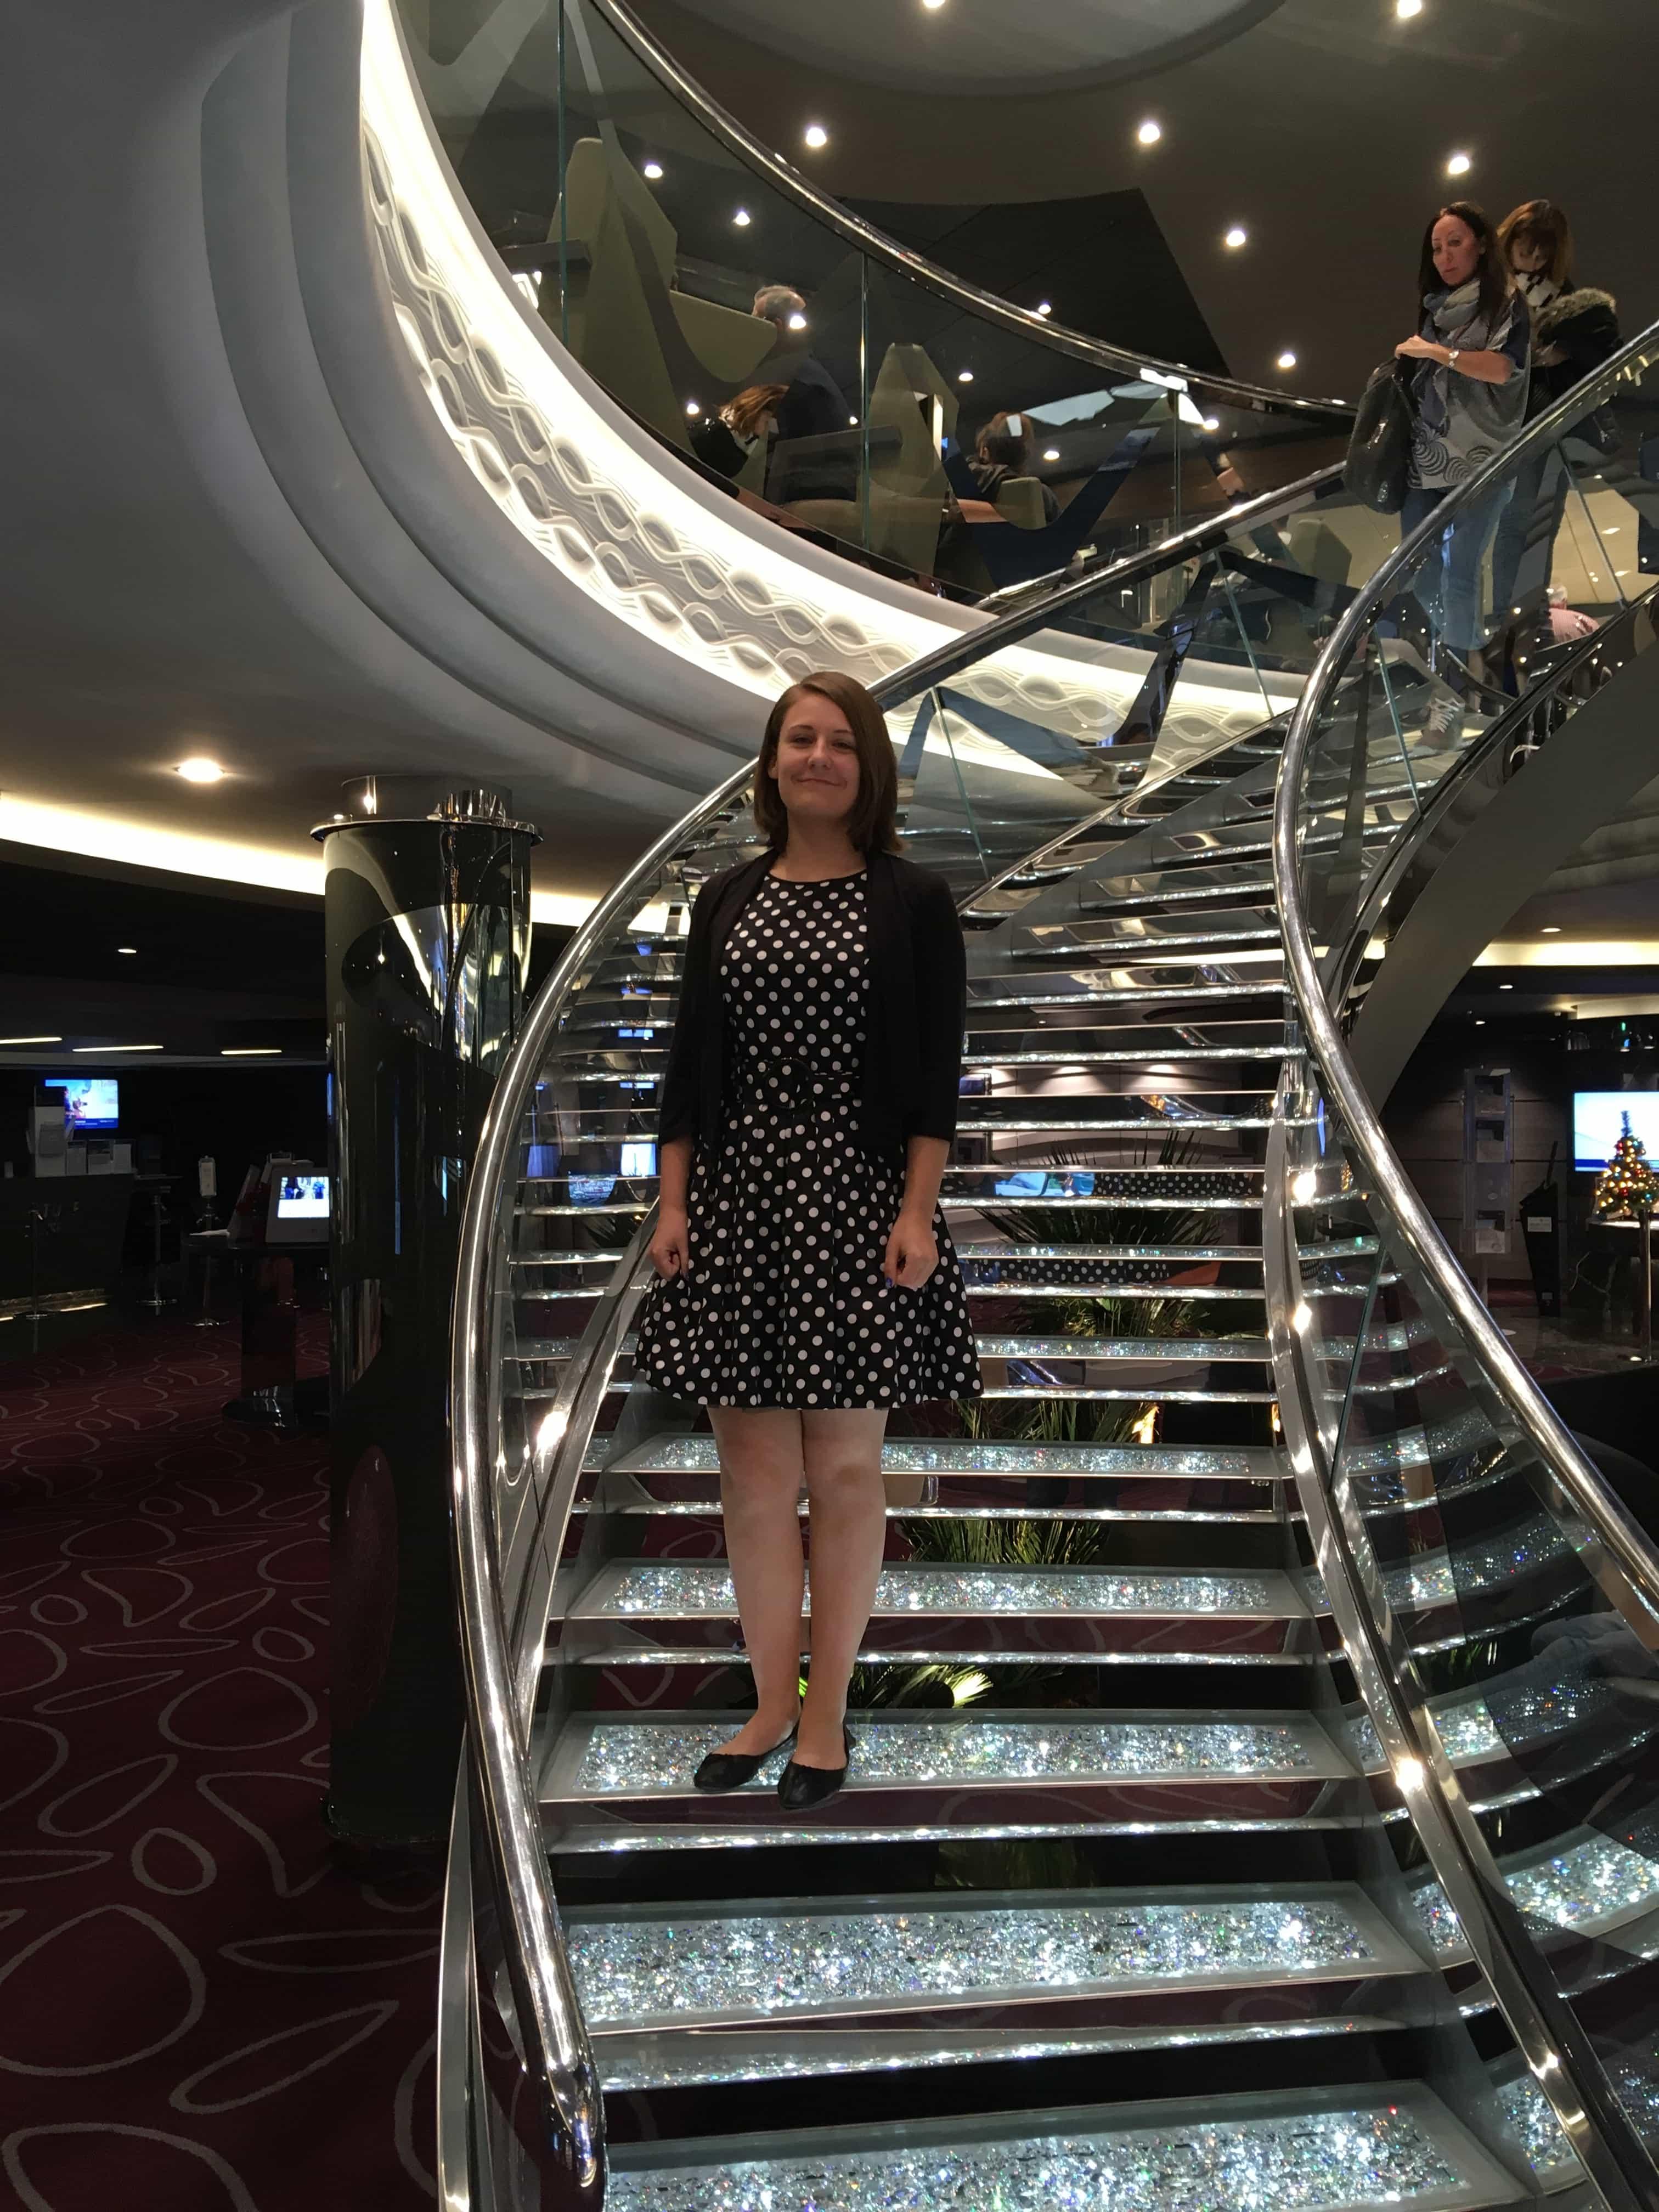 emma cruises msc meraviglia staircase swarovski